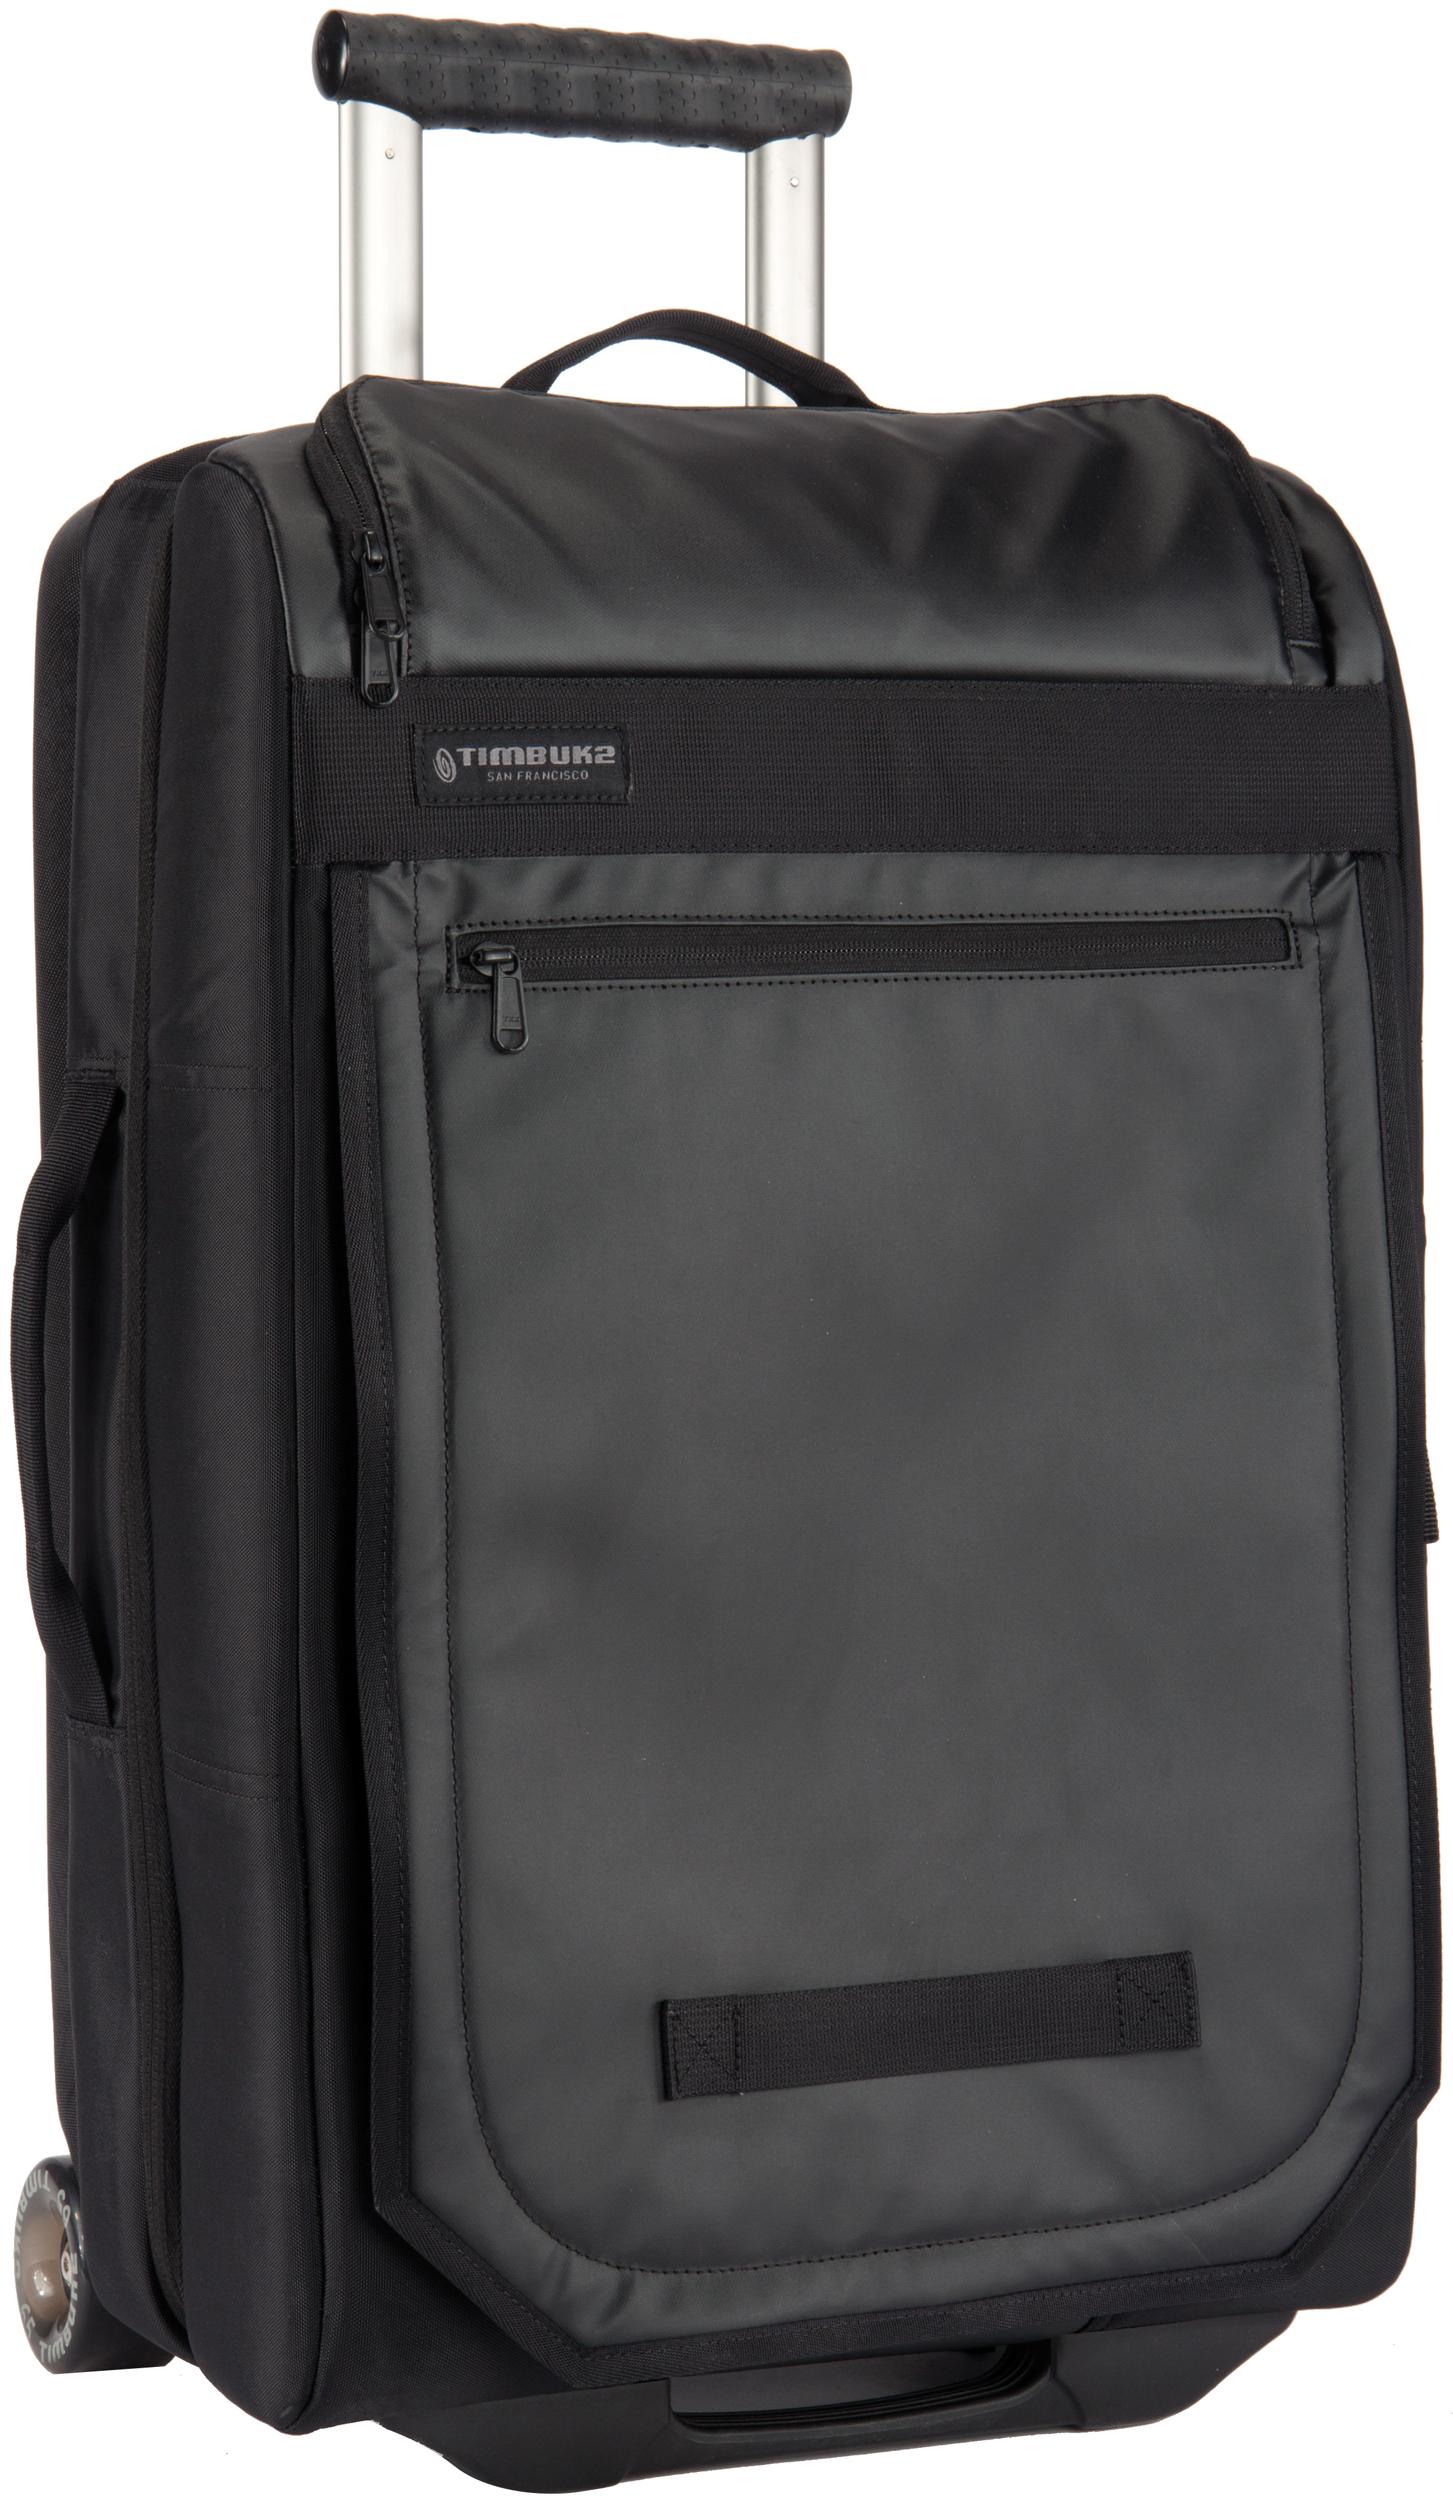 Timbuk2 Copilot Rolling Suitcase - Unisex 8f2bda4e6dbe8